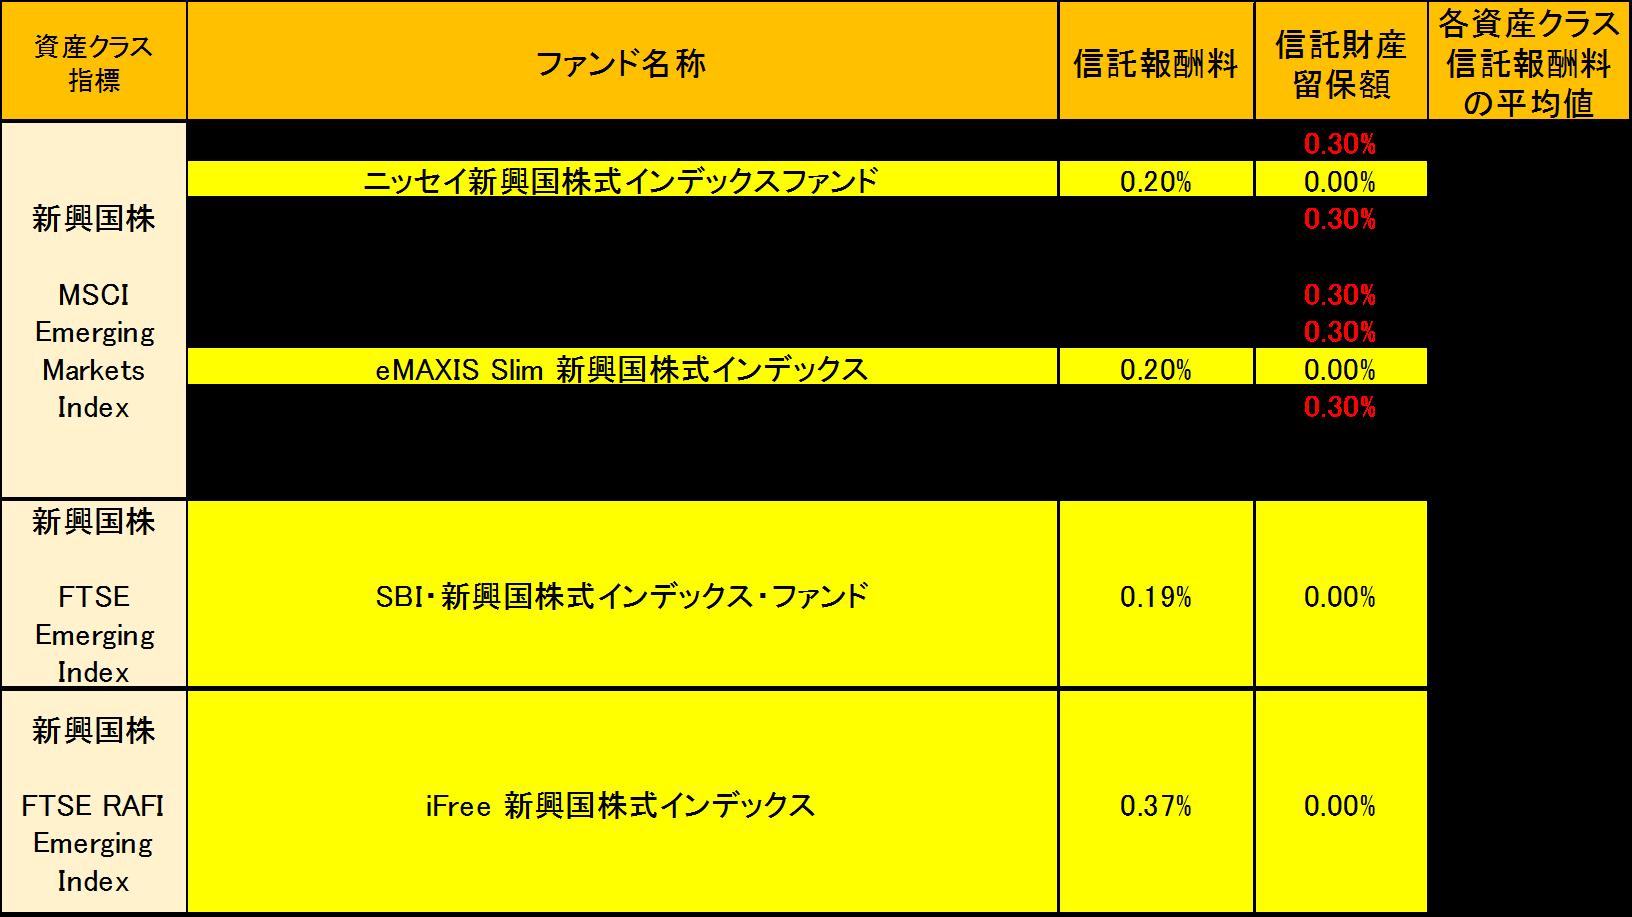 tsumitatenisa_shinkoukokukabu_tesuuryou